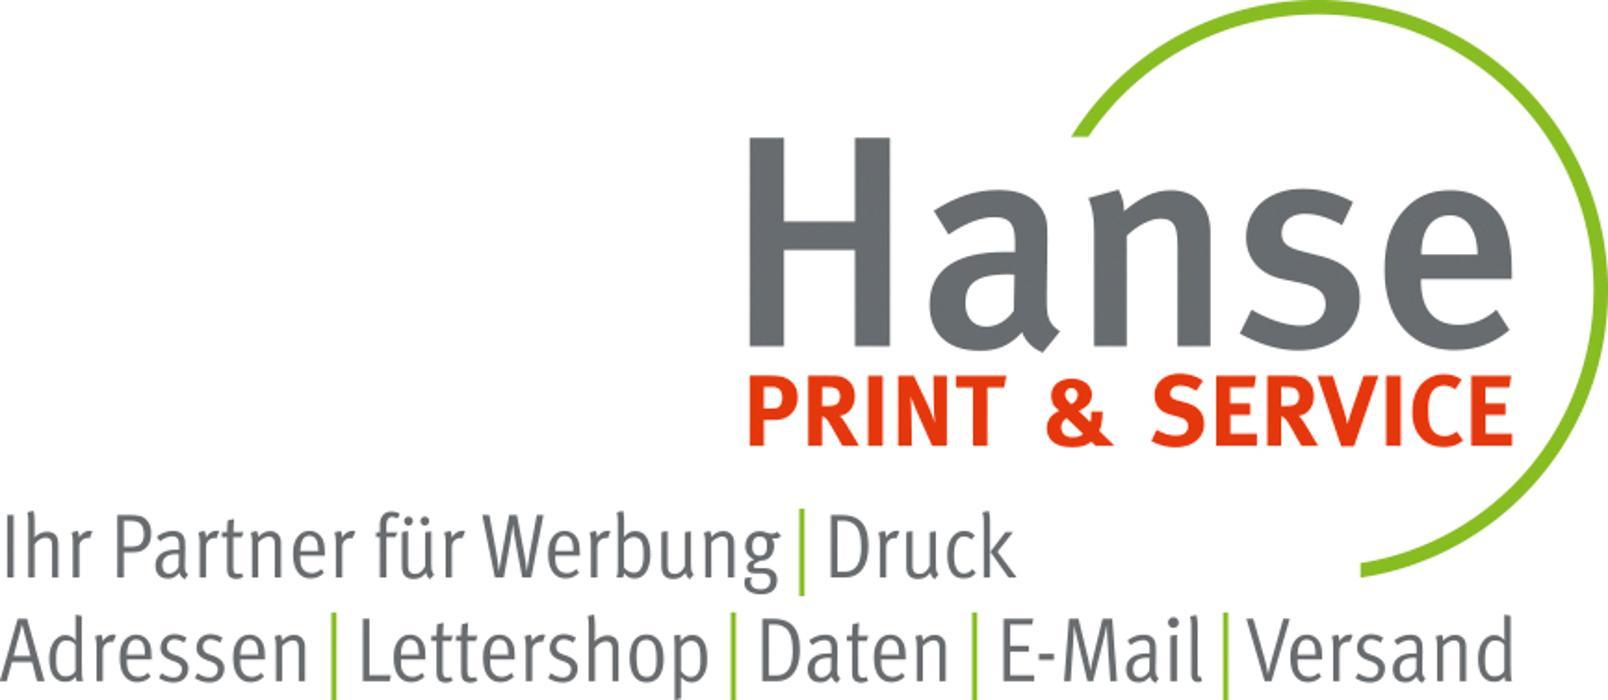 hanse print service gmbh holstenhofweg in 22043 hamburg ffnungszeiten und angebote. Black Bedroom Furniture Sets. Home Design Ideas